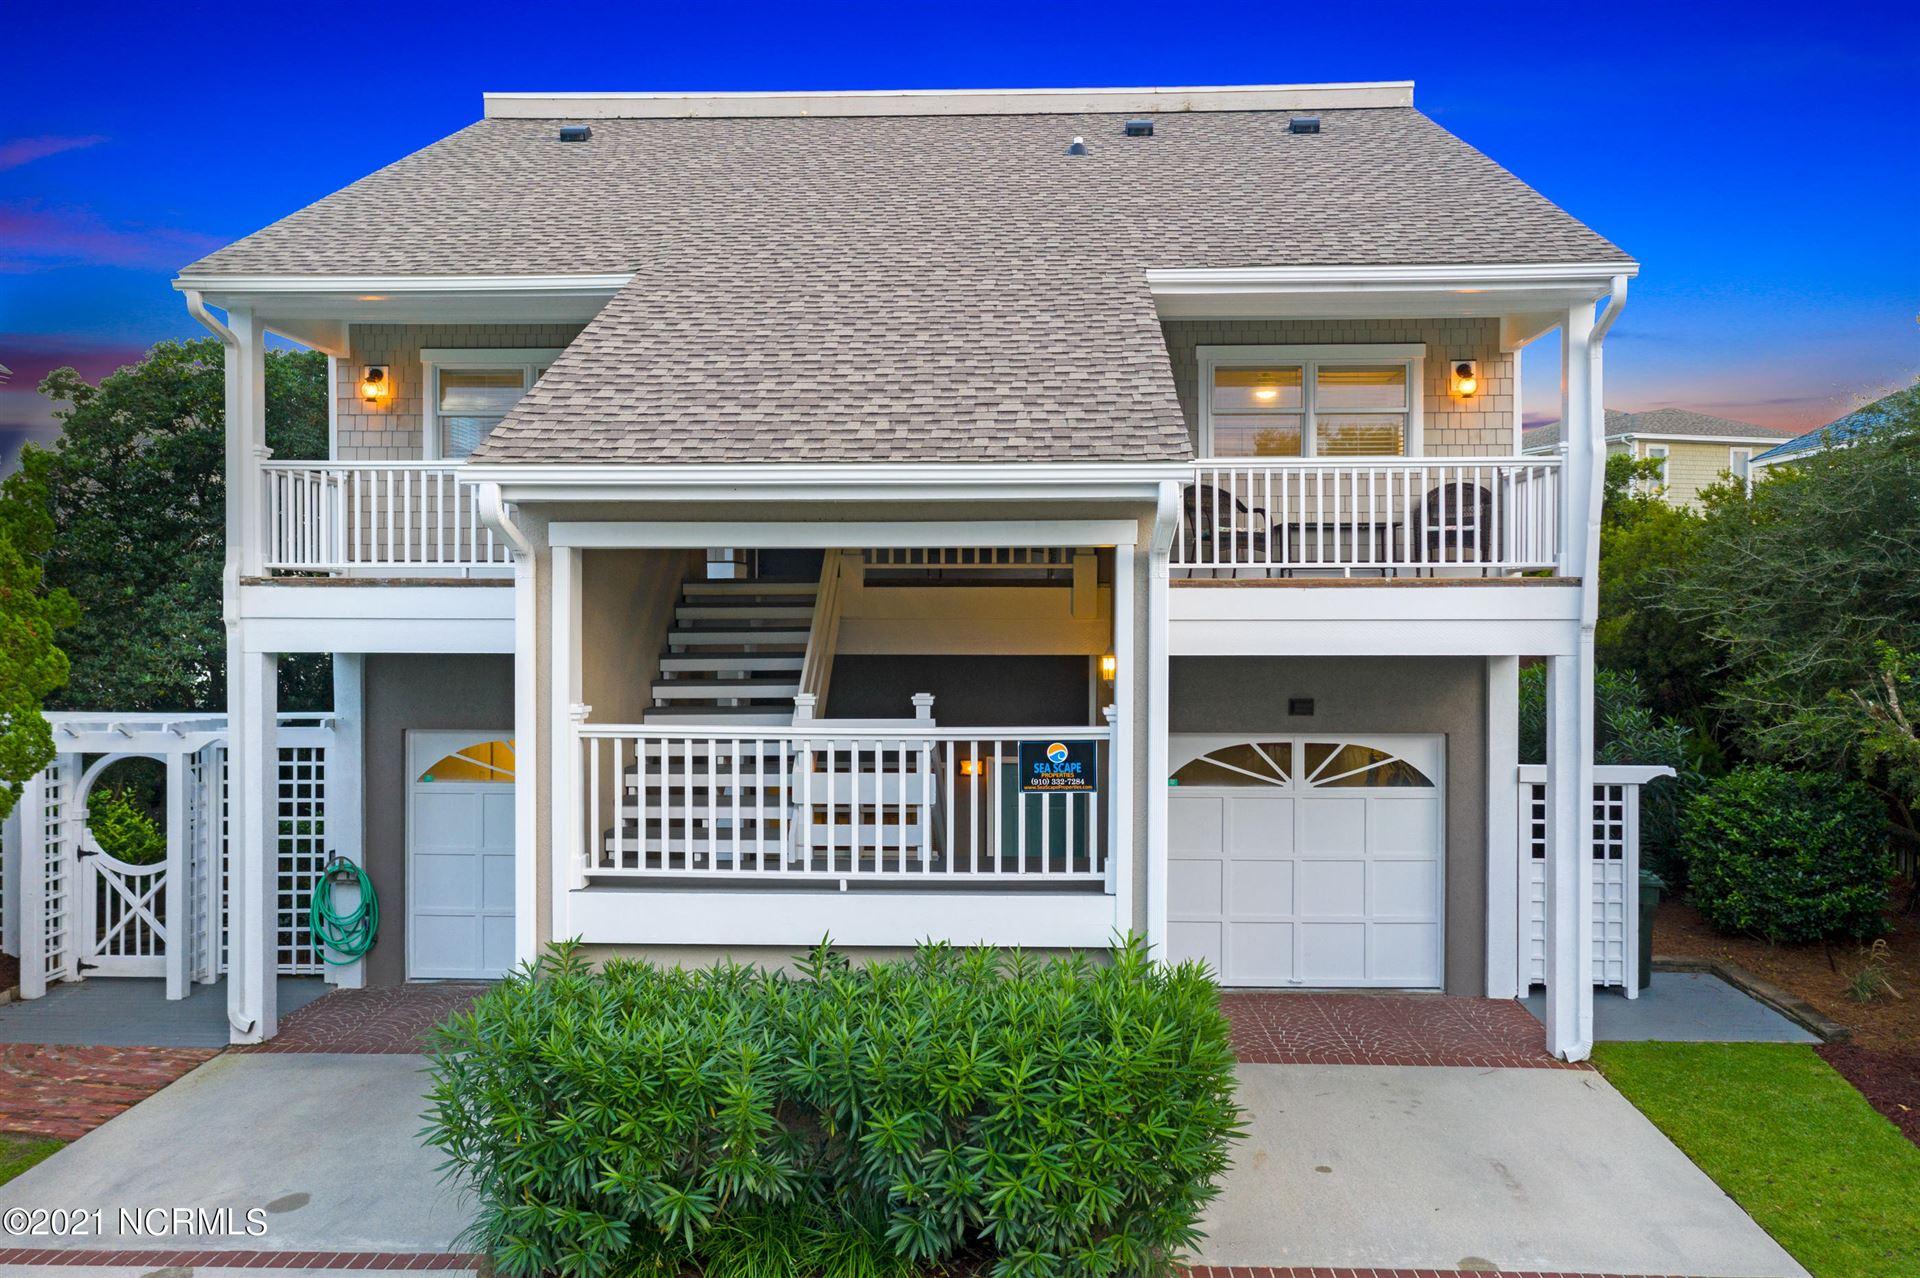 Photo of 2310 N Lumina Avenue, Wrightsville Beach, NC 28480 (MLS # 100243830)